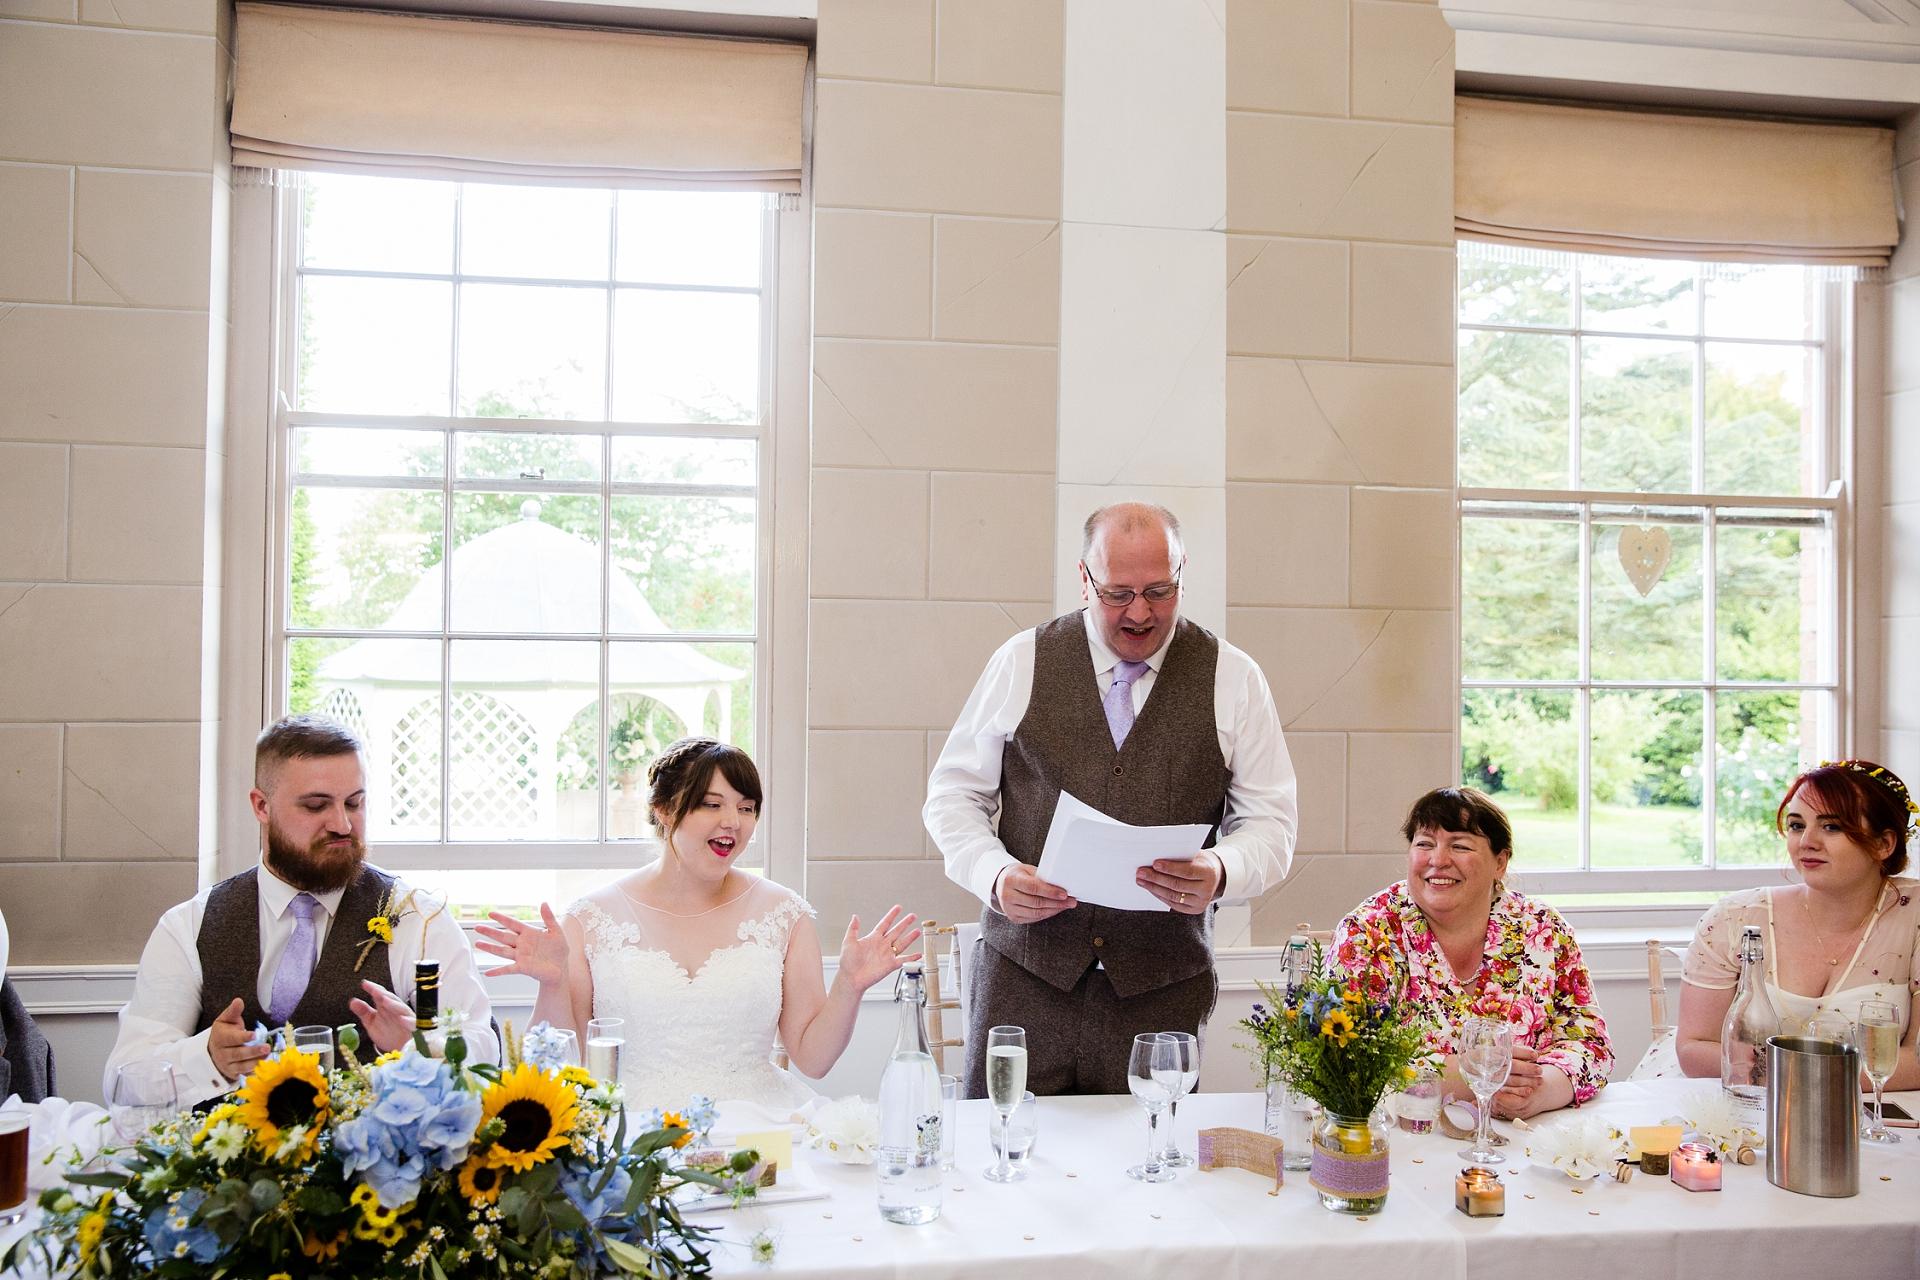 wedding day speaches